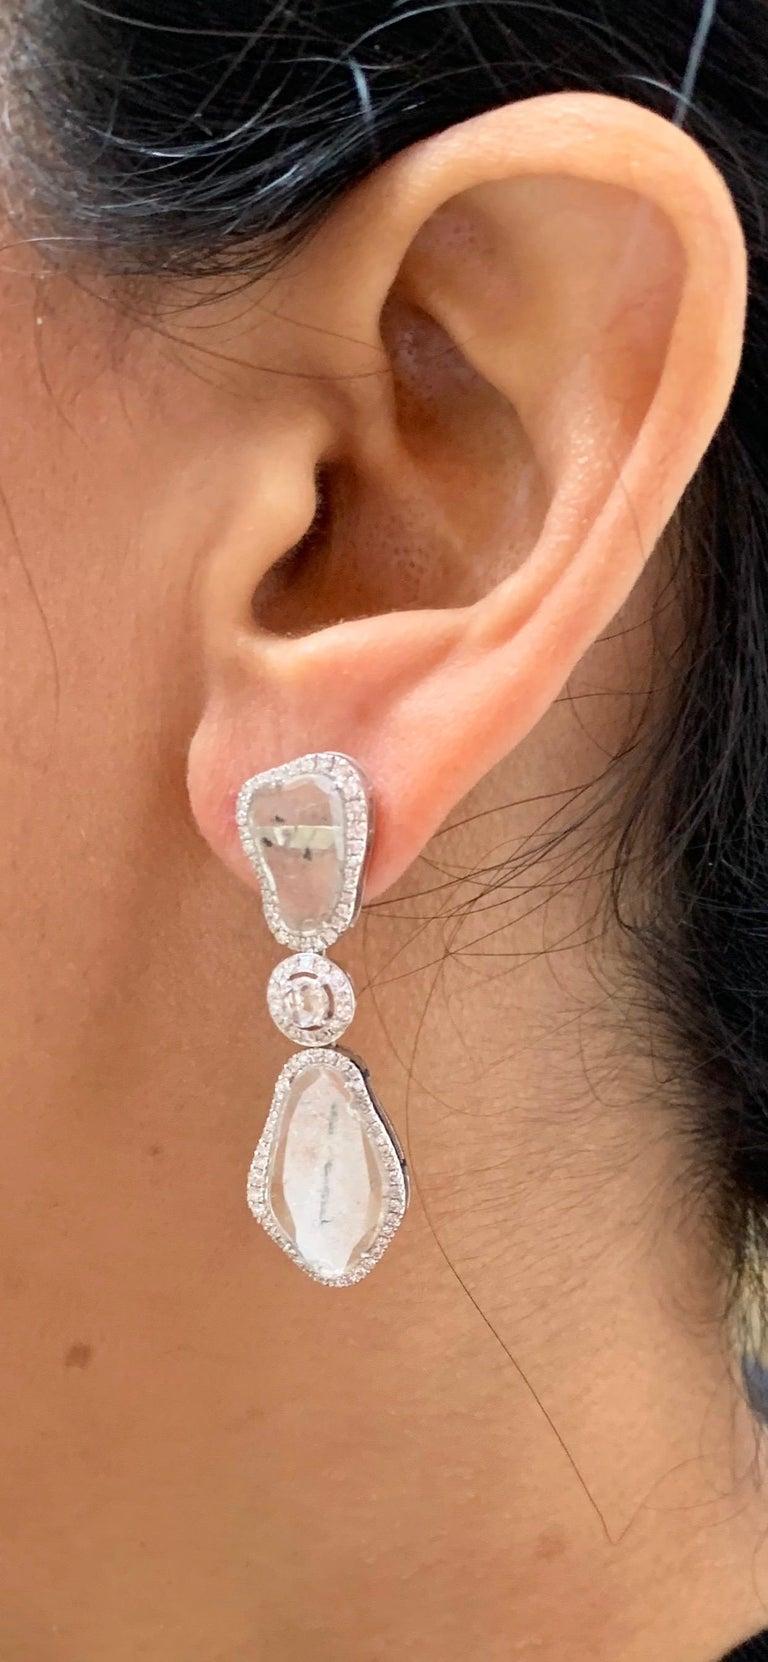 Women's or Men's Manpriya B Triple Slice Diamond Drop Diva Earrings in 18 Karat White Gold For Sale